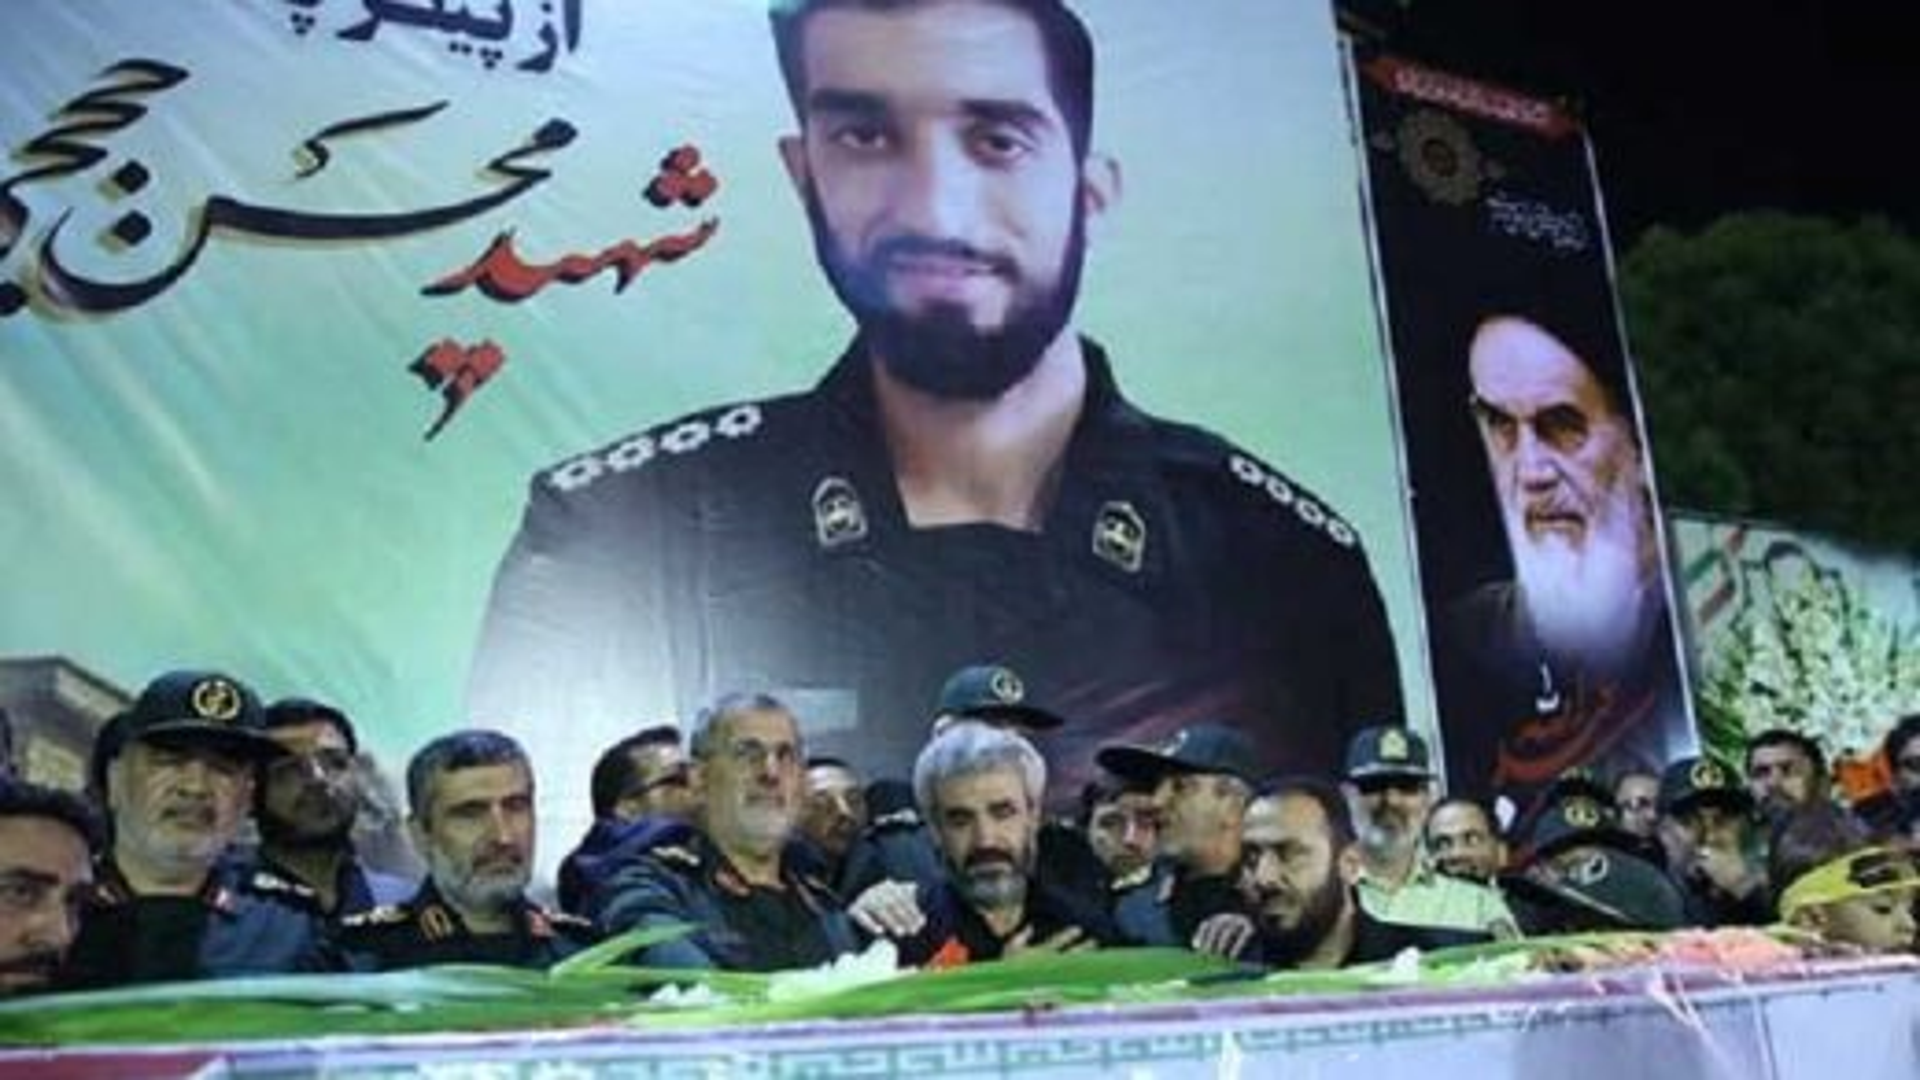 تصویر محدودیتهای ترافیکی برای تشییع پیکر شهید حججی | تگ